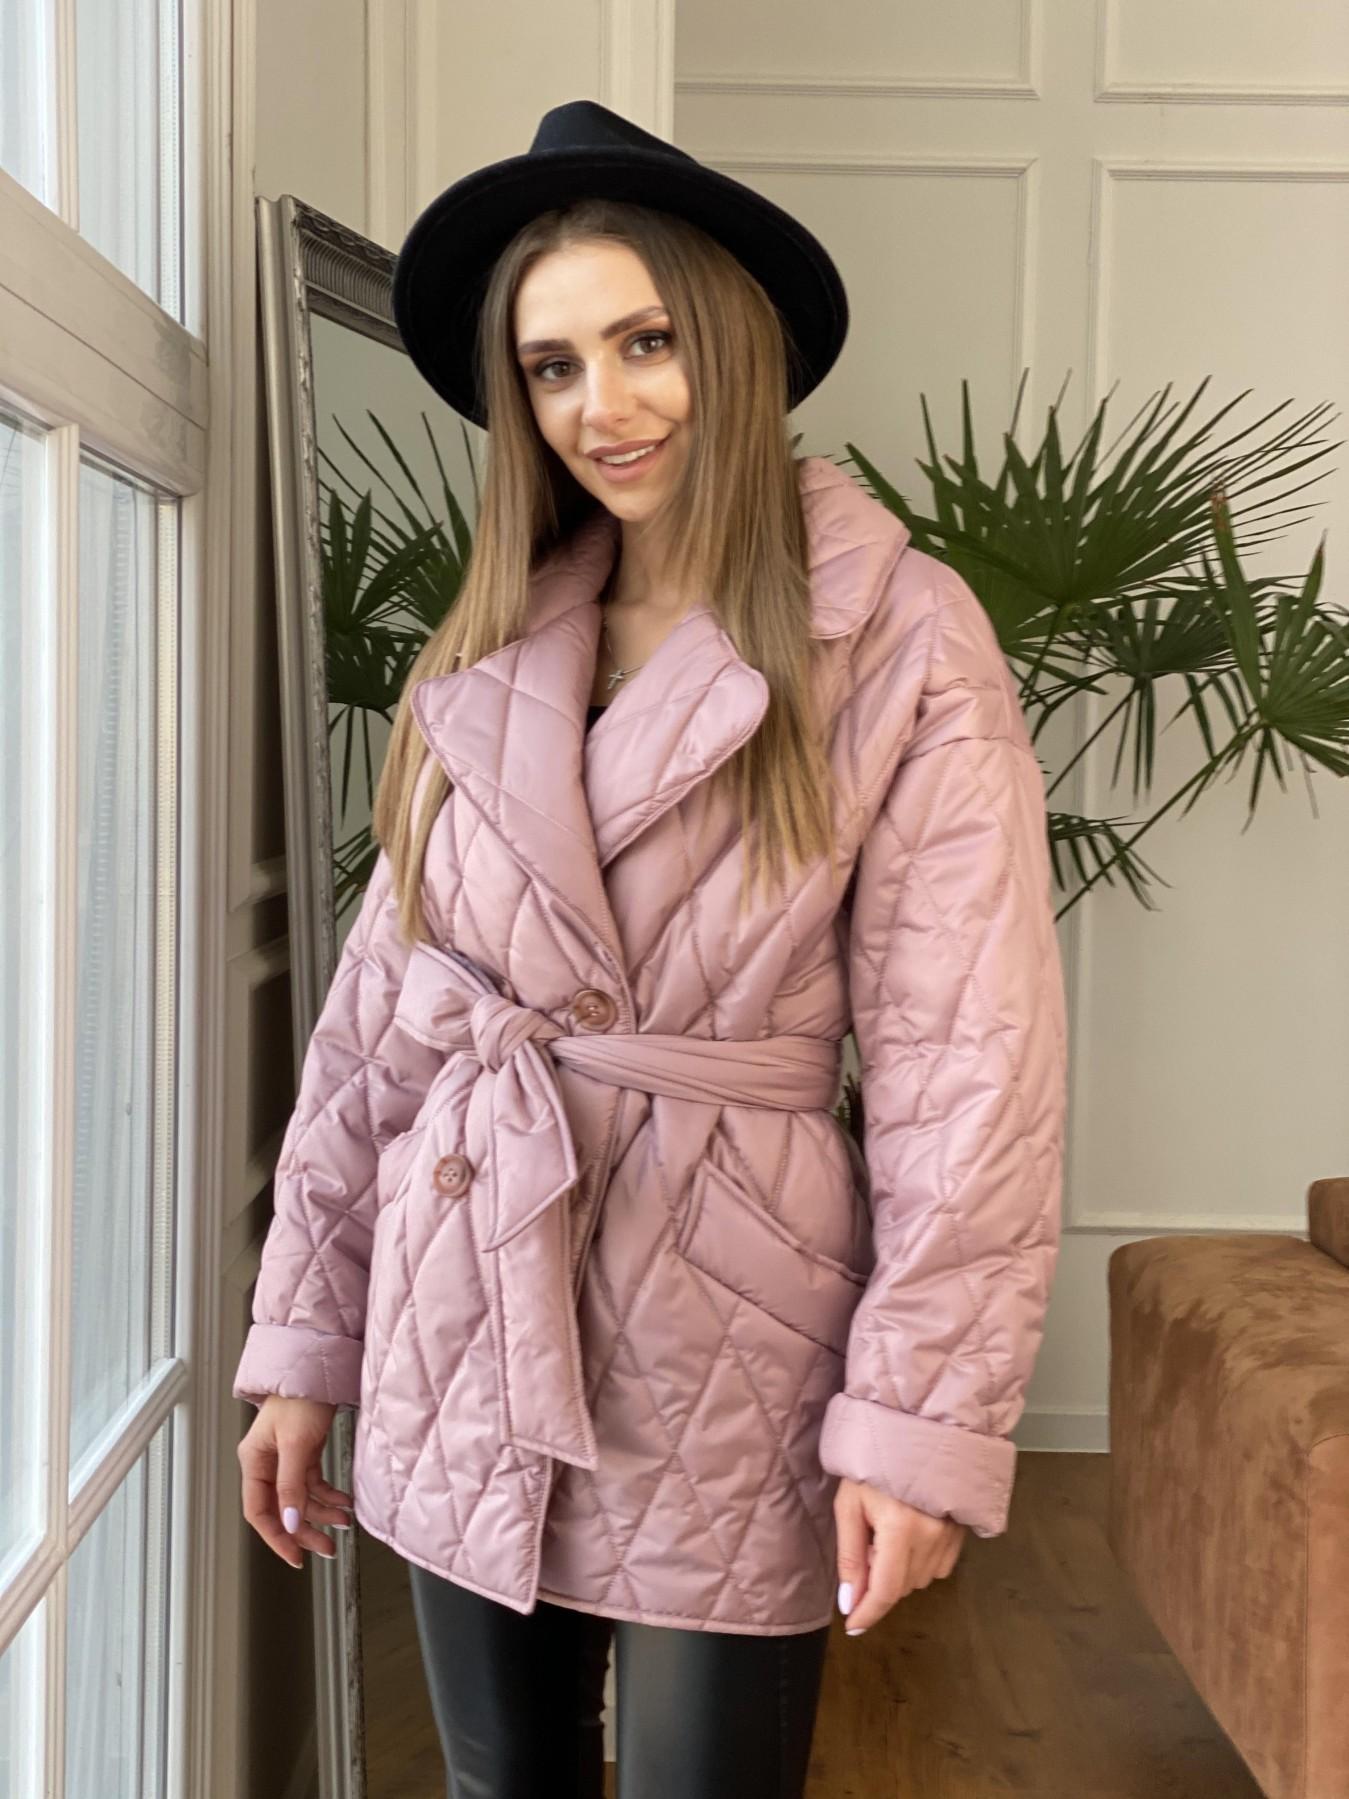 Норд куртка из плащевой ткани стеганая 10883 АРТ. 47465 Цвет: Пудра - фото 1, интернет магазин tm-modus.ru